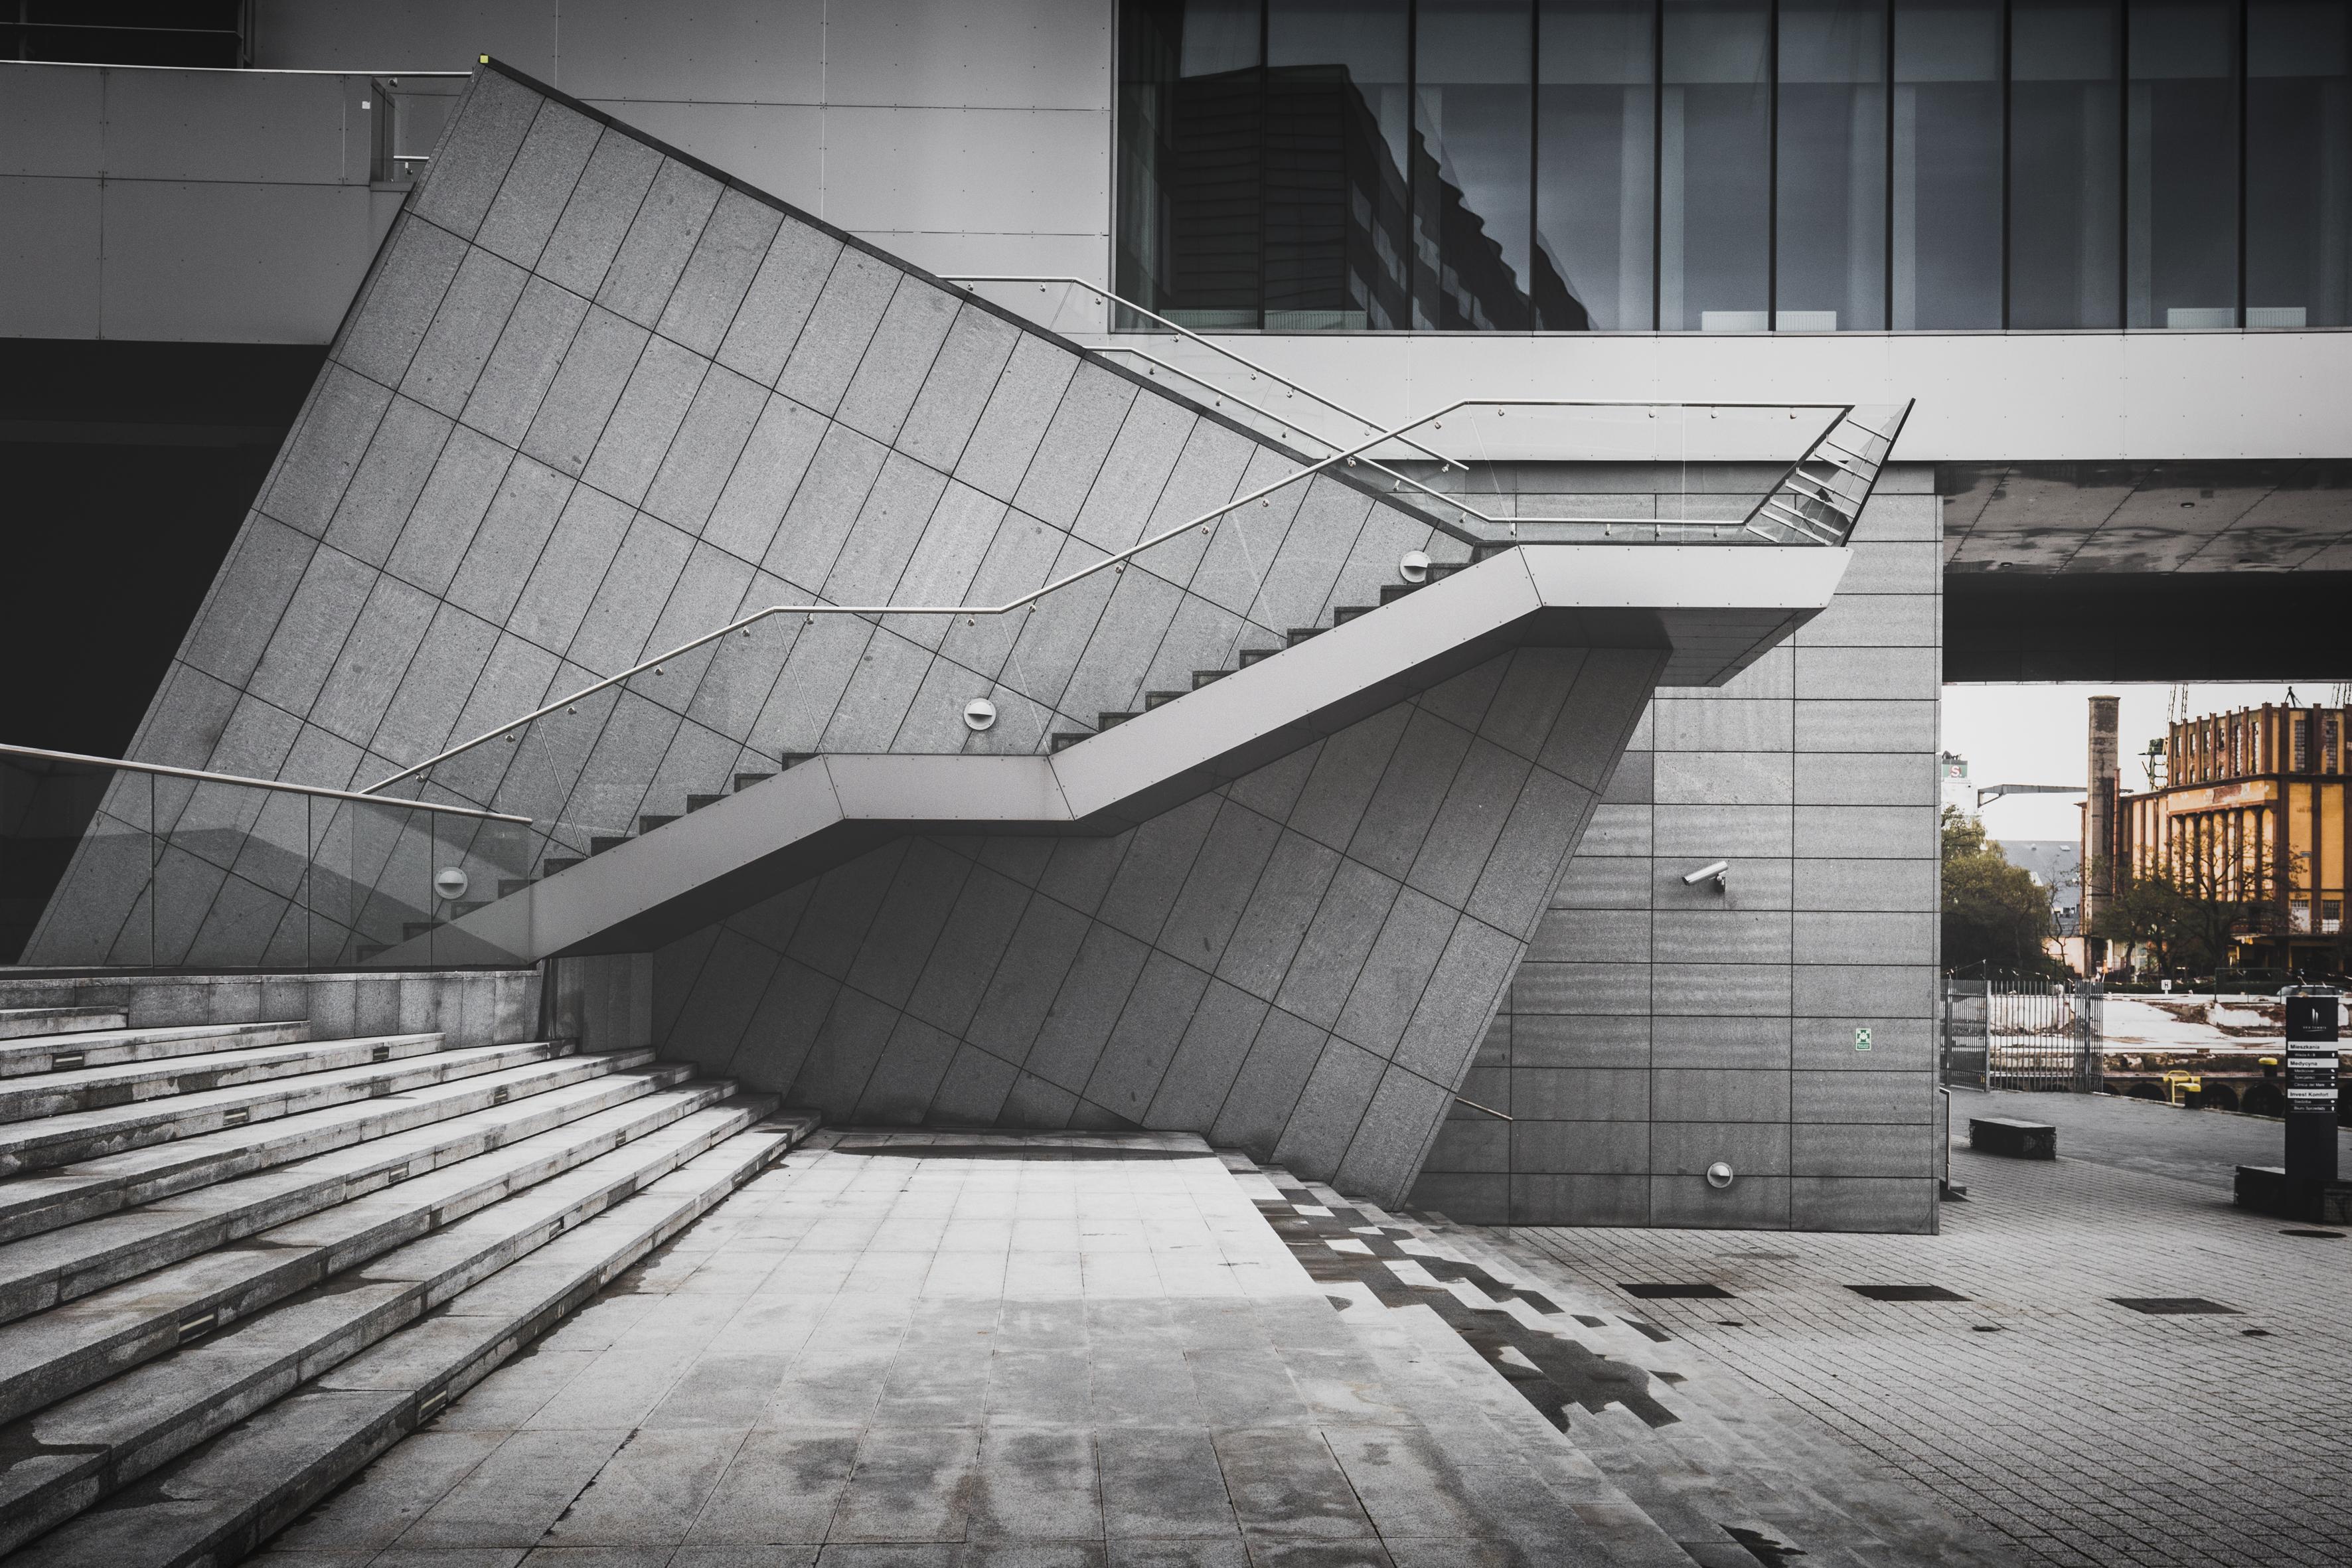 fot. Grzegorz Skwarliński, Światło w Modernizmie